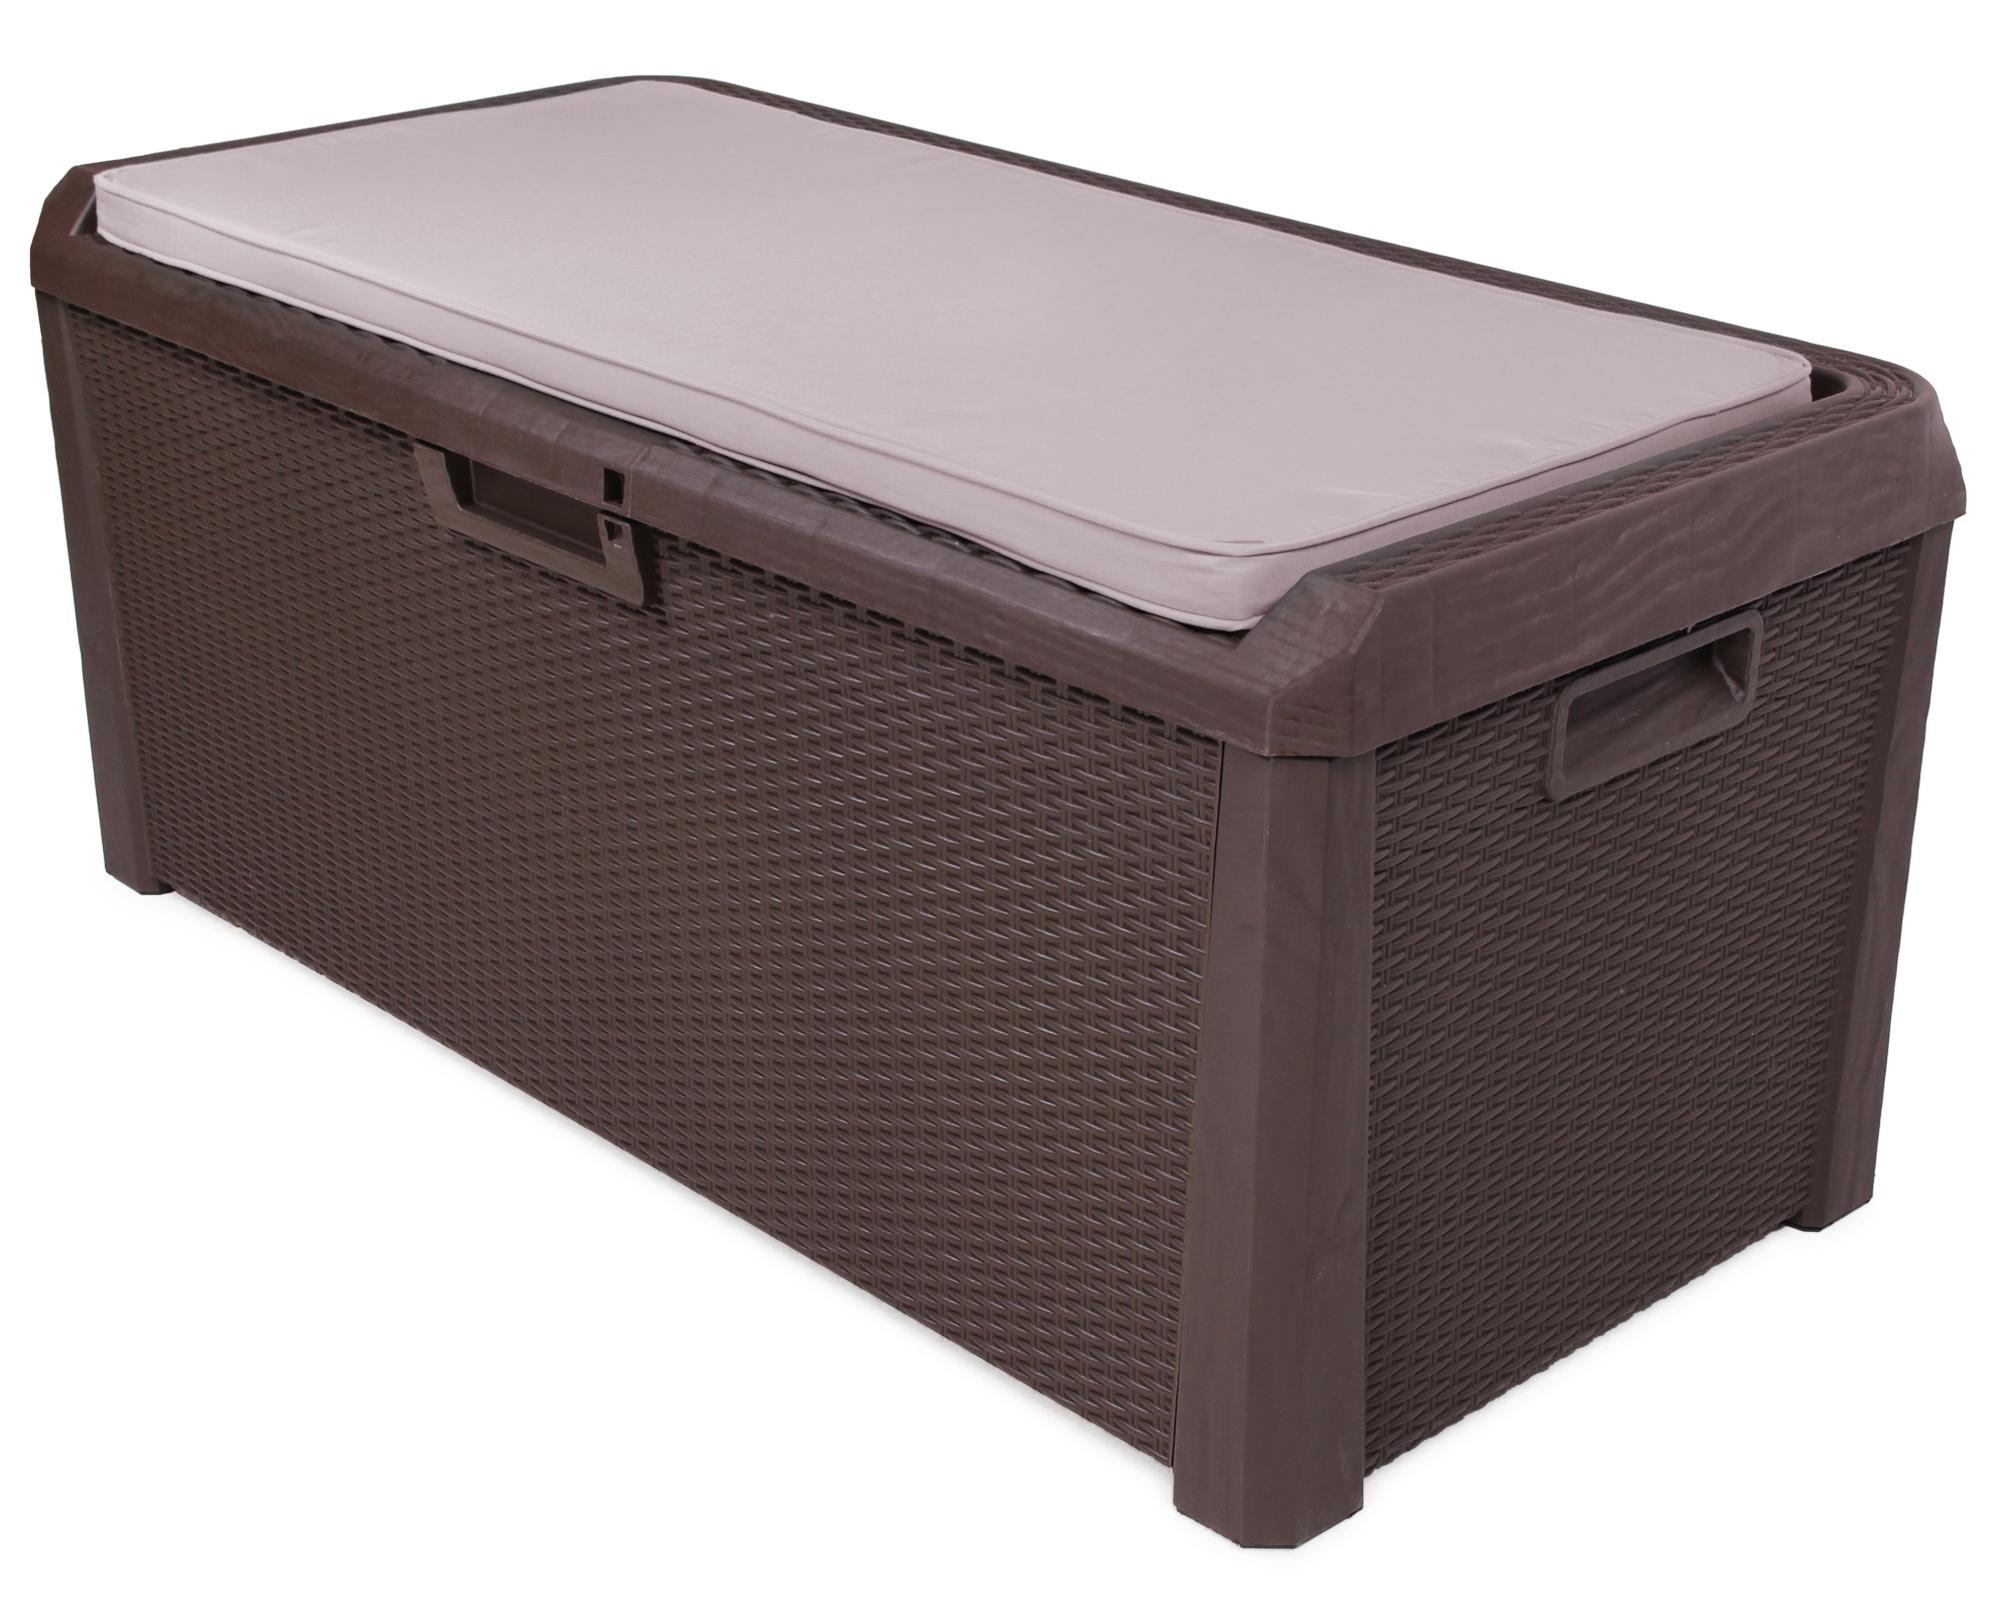 ondis24 kissenbox auflagenbox santo plus mit sitzkissen 560 l braun g nstig online kaufen. Black Bedroom Furniture Sets. Home Design Ideas